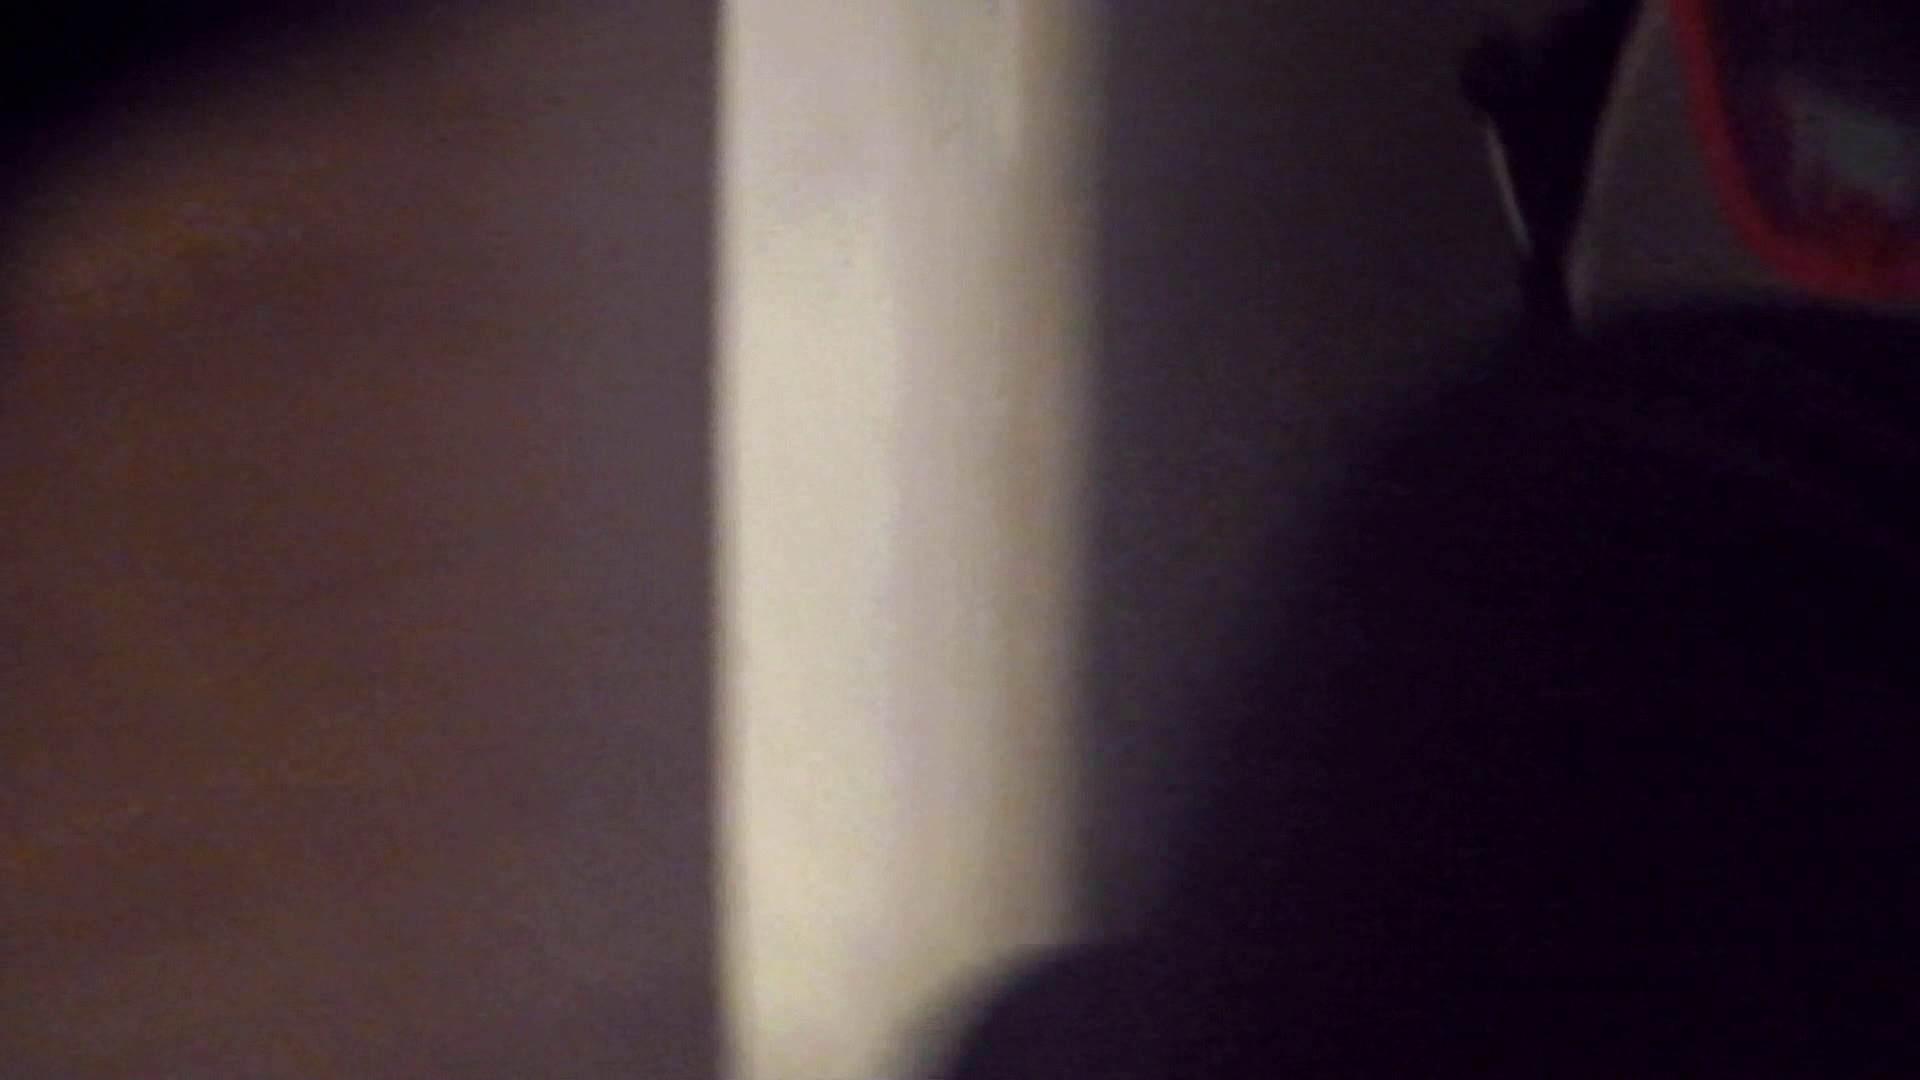 阿国ちゃんの「和式洋式七変化」No.9 お姉さんのSEX ぱこり動画紹介 98枚 28